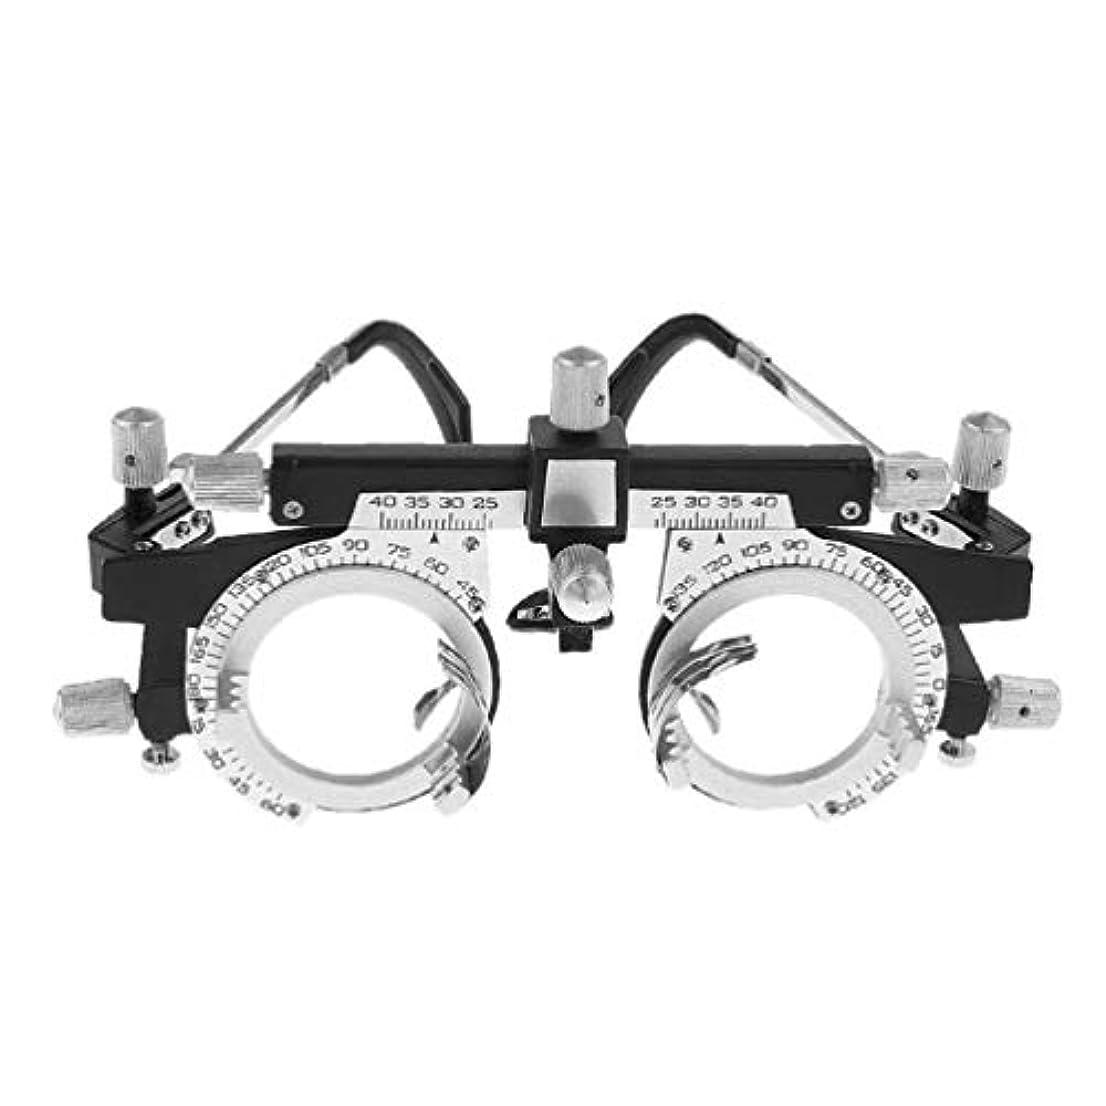 くぼみきちんとした量で調節可能なプロフェッショナルアイウェア検眼メタルフレーム光学オプティクストライアルレンズメタルフレームPDメガネアクセサリー - シルバー&ブラック